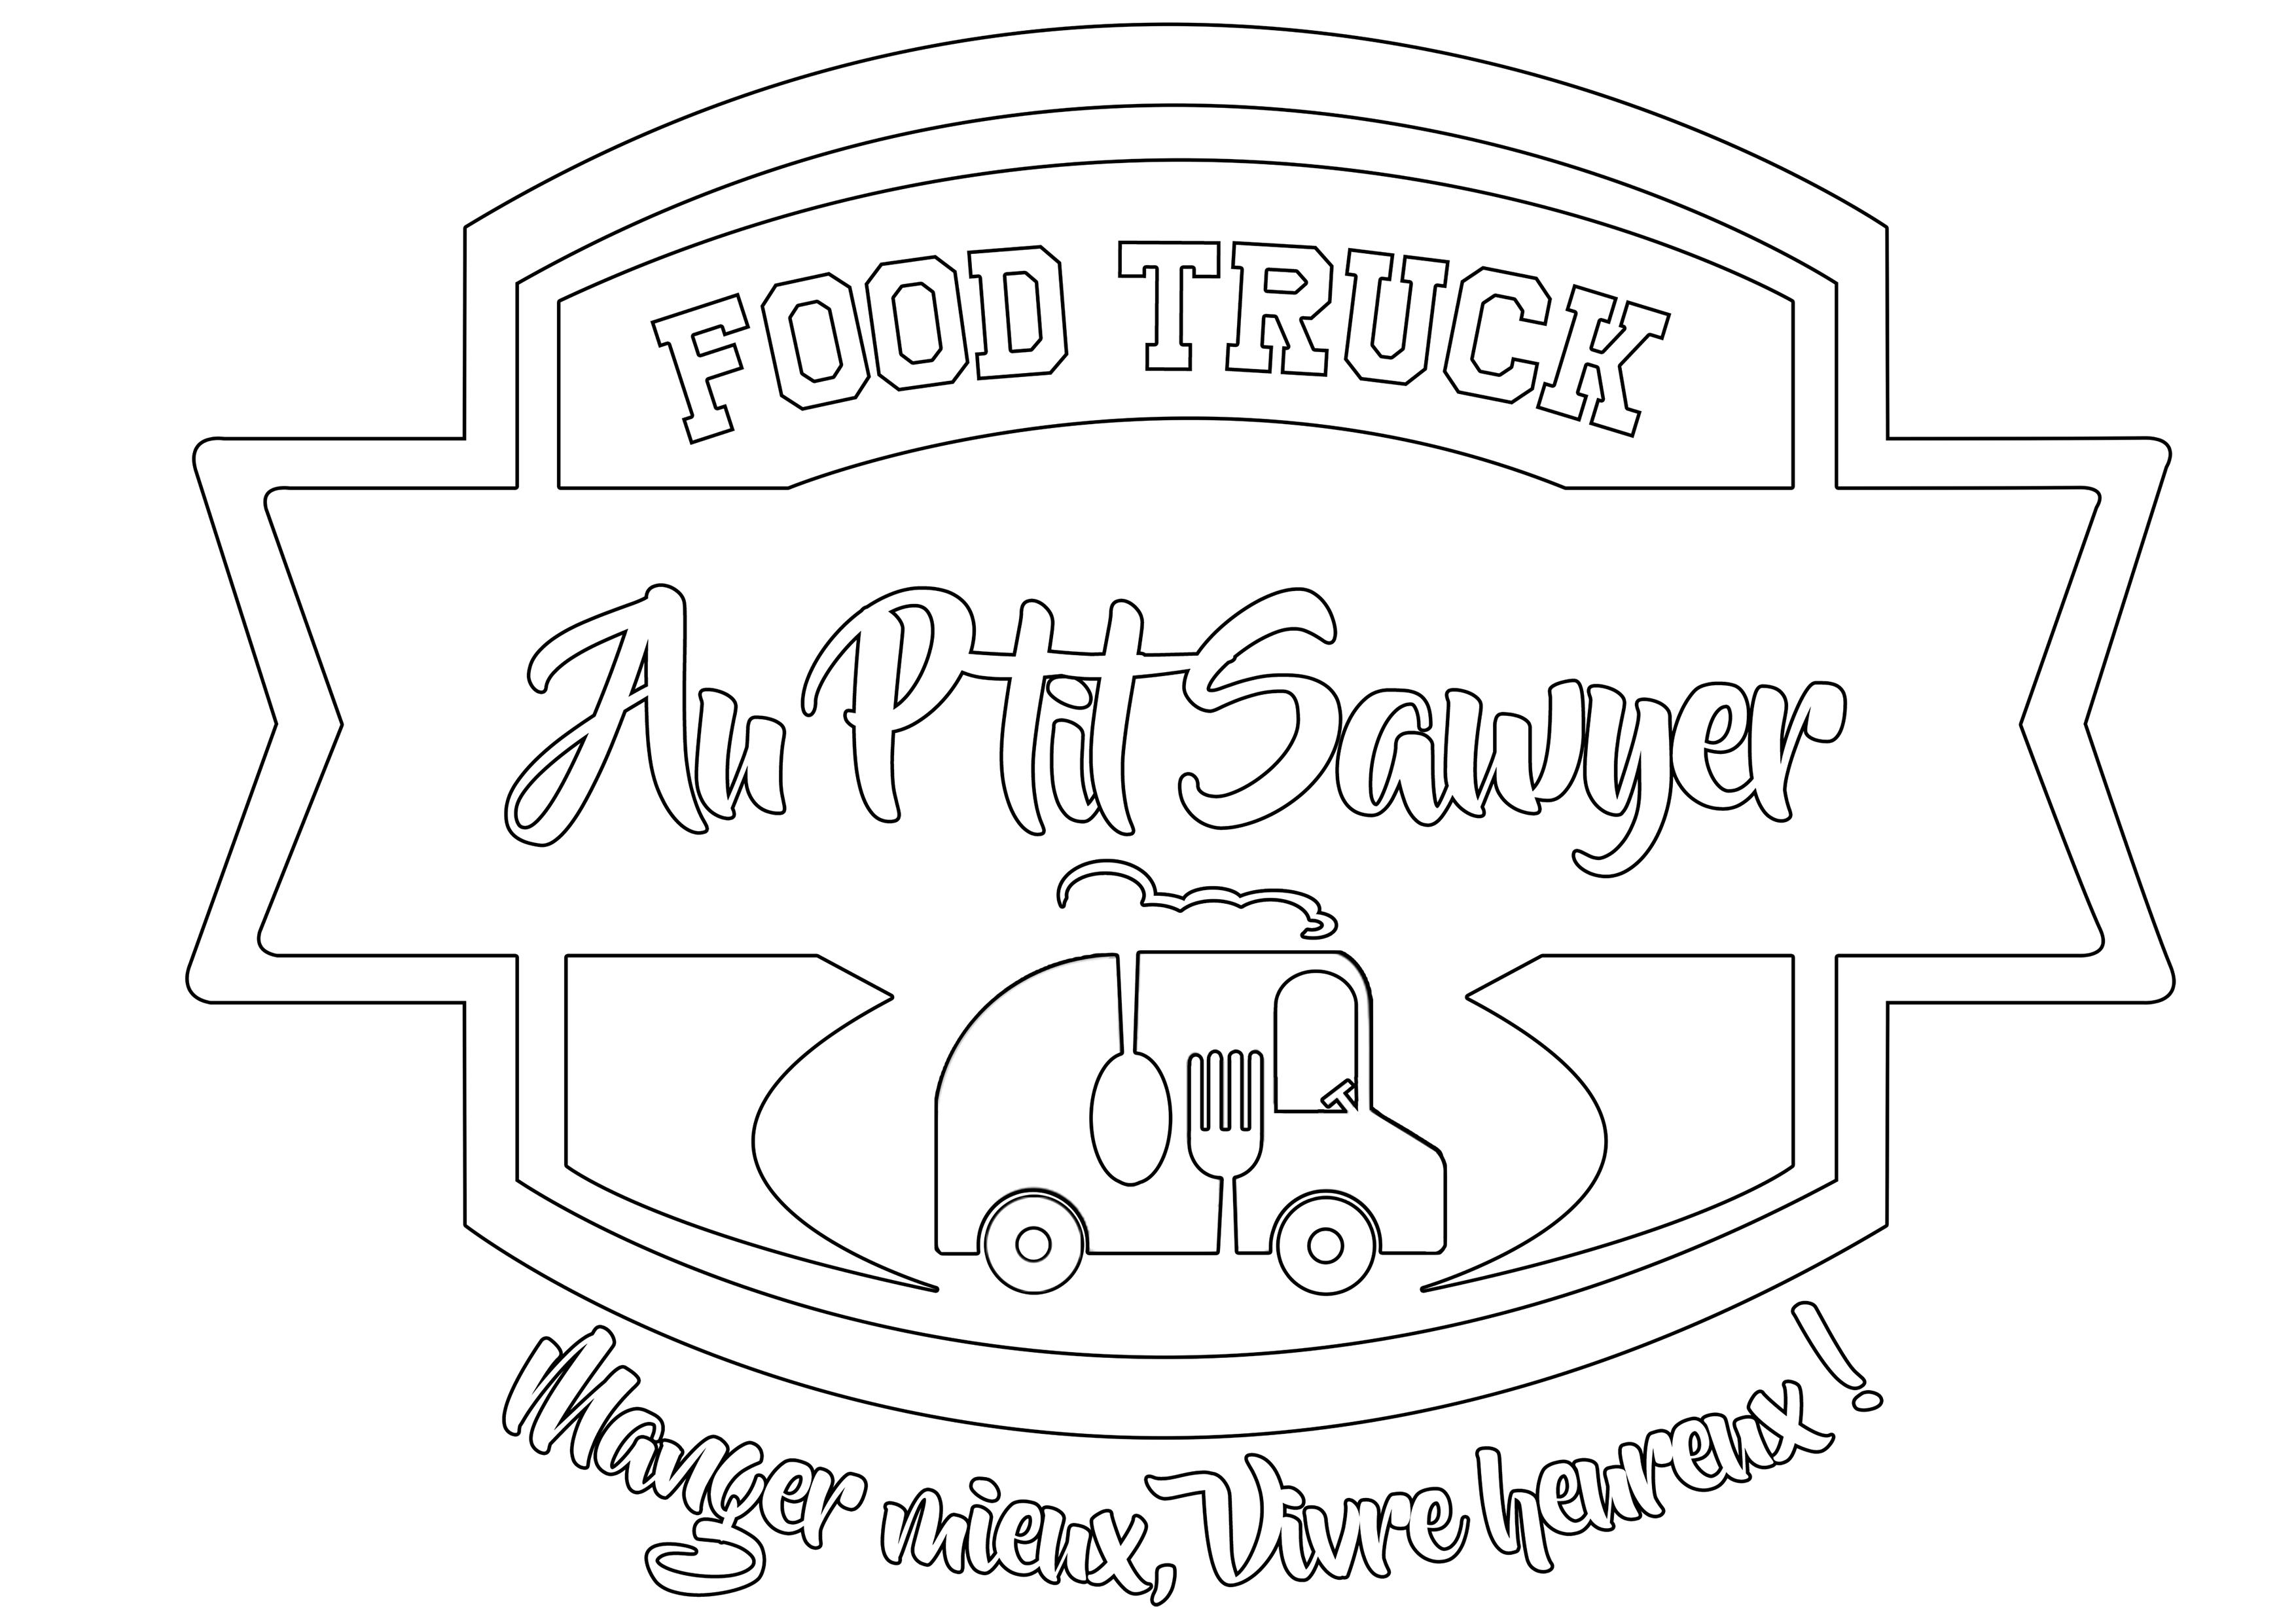 carte-menu-manger-burger-Au P'tit Sawyer - Food truck éco responsable-Strasbourg-Alsace-local-locavore-frais-fait camion